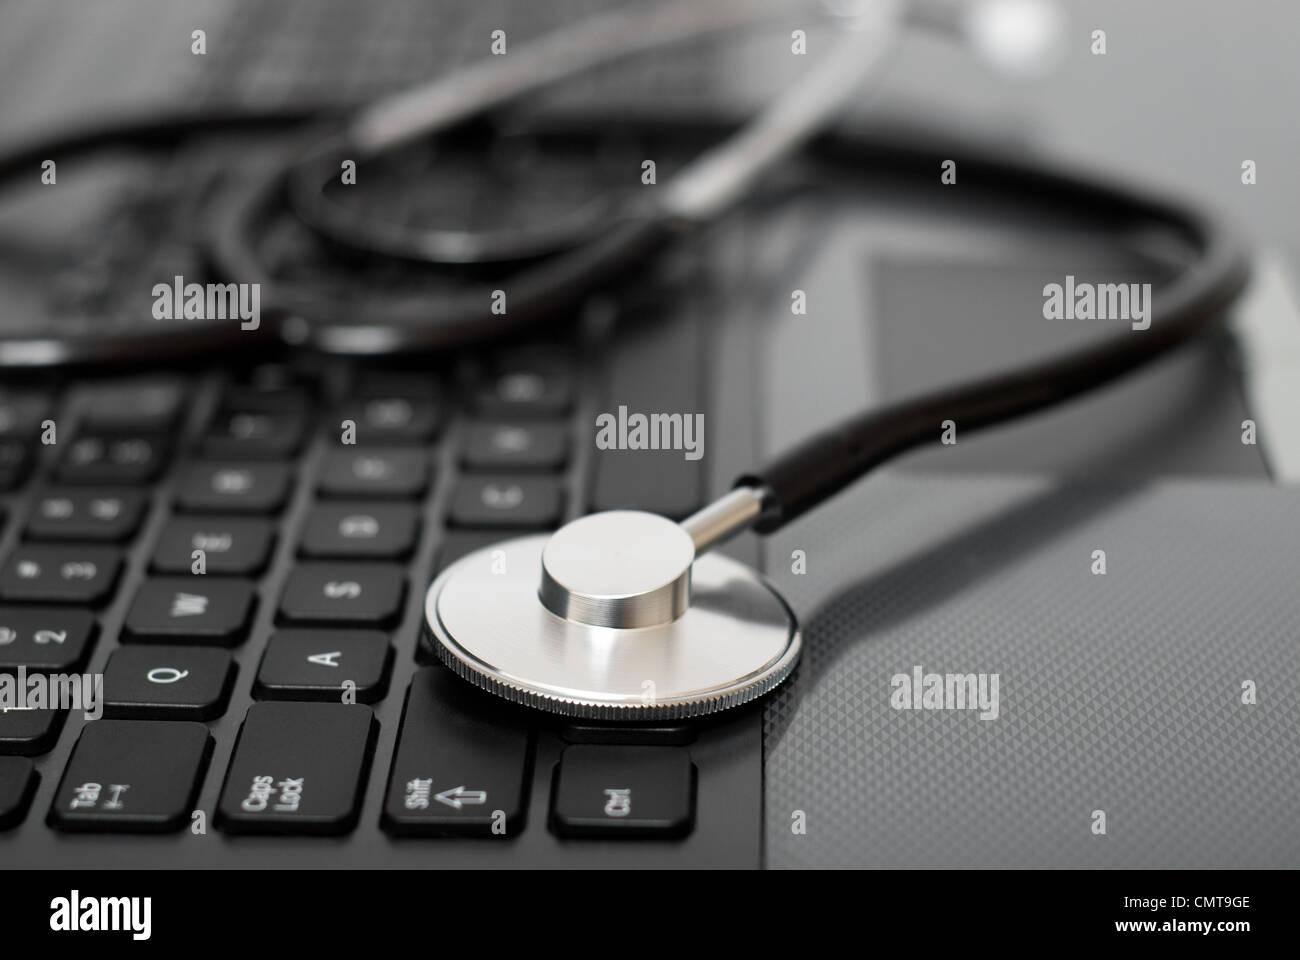 Lo stetoscopio sulla tastiera di un computer Immagini Stock